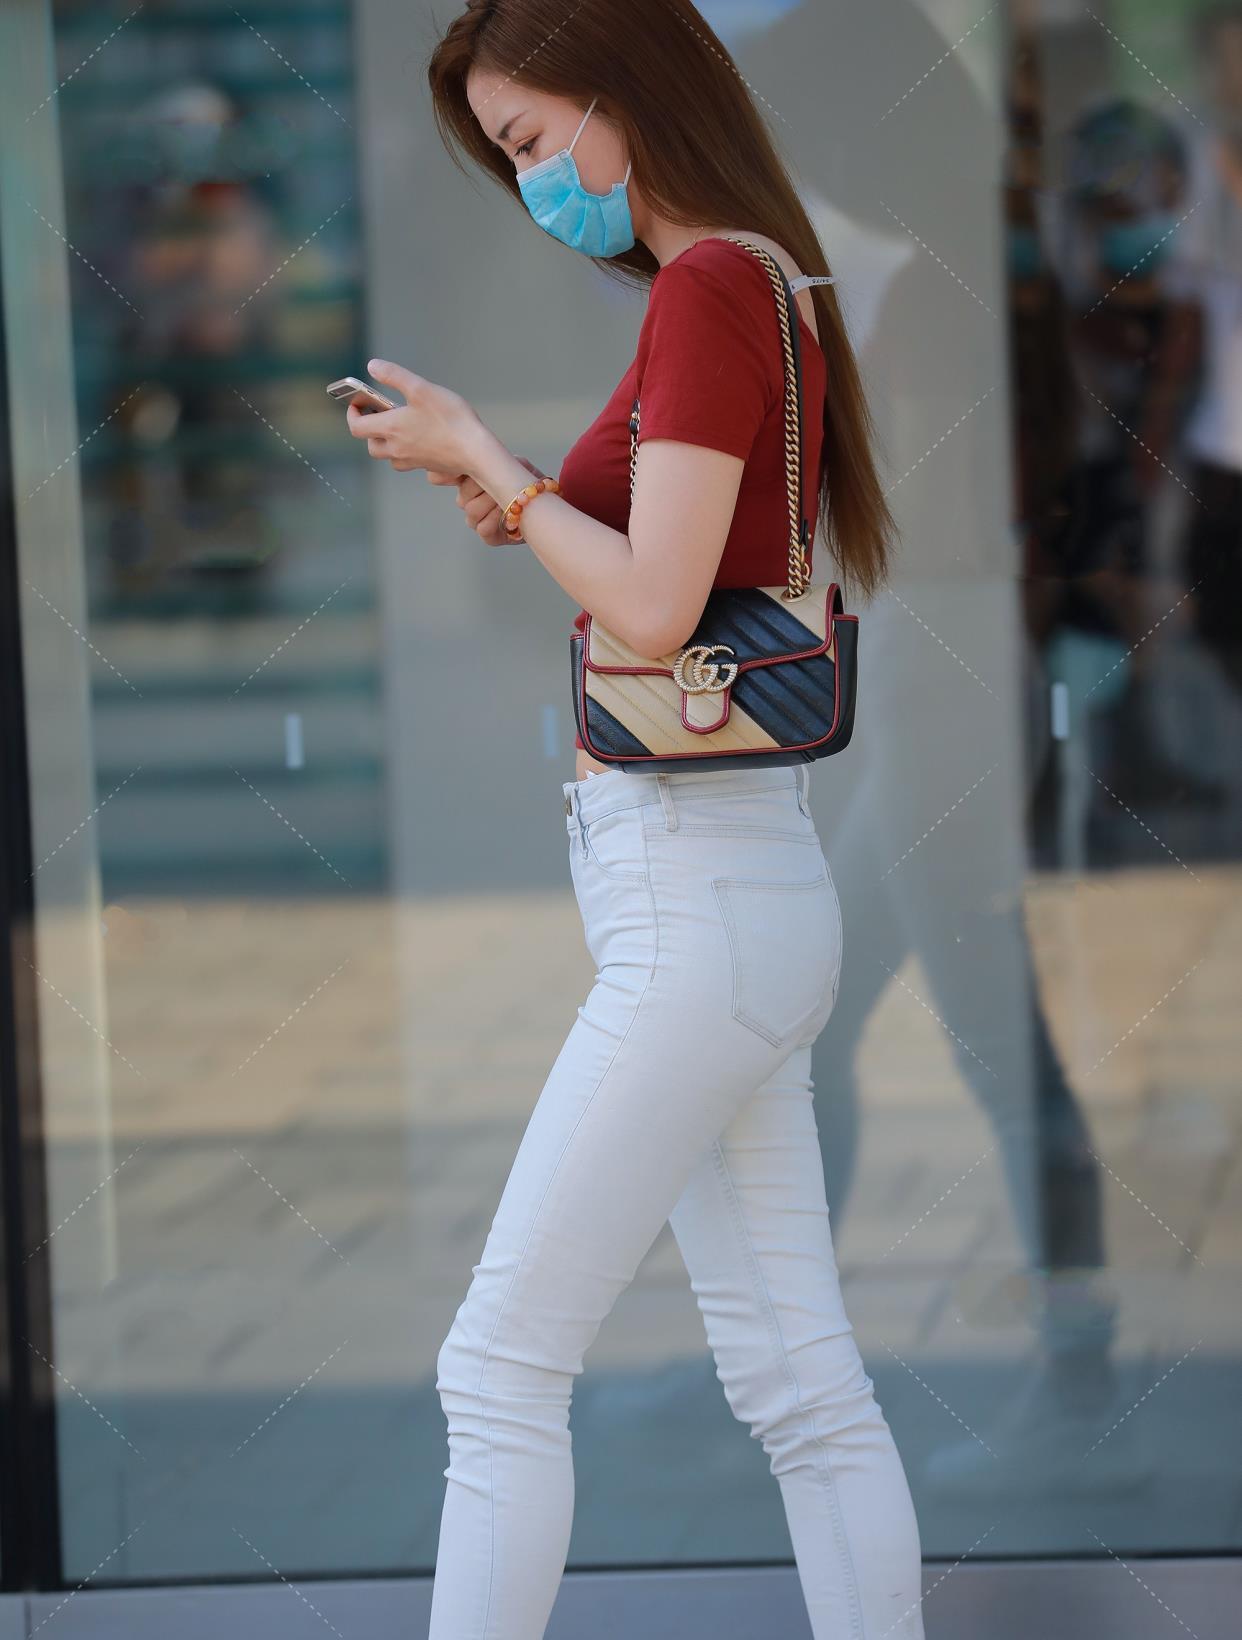 红色V领修身T恤搭配浅色牛仔裤,适合身材高挑的女性